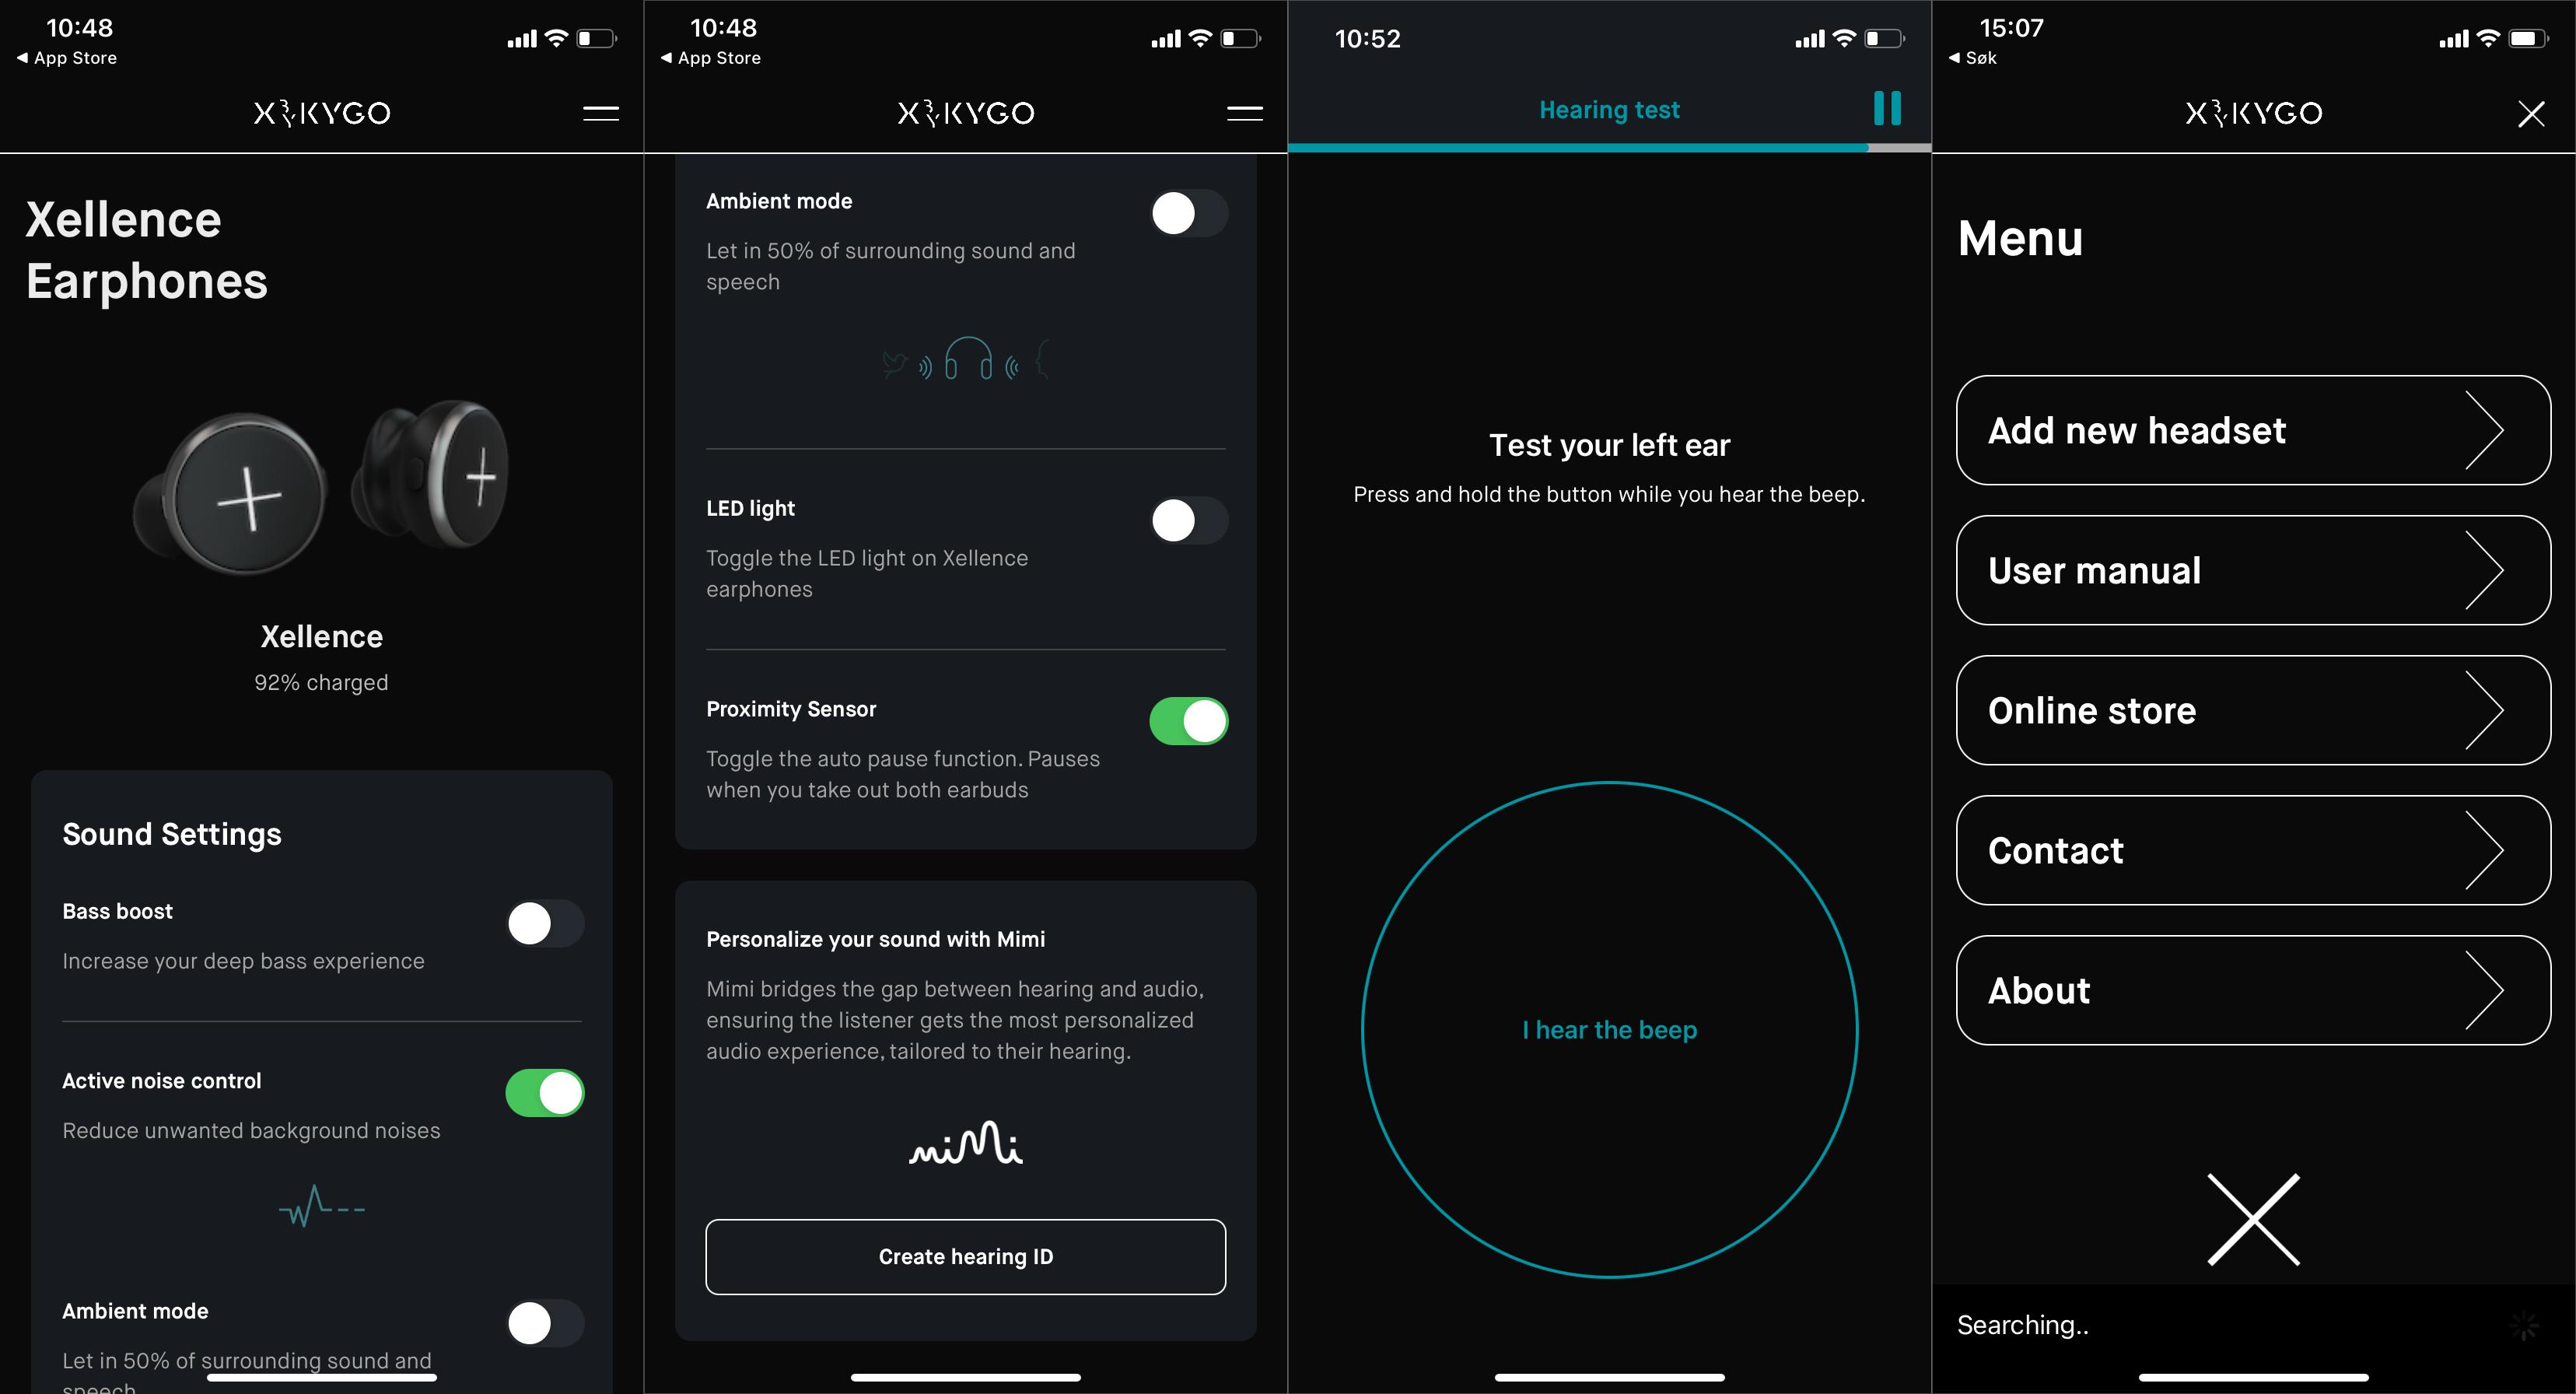 Den nye X by Kygo-appen er ganske enkel.